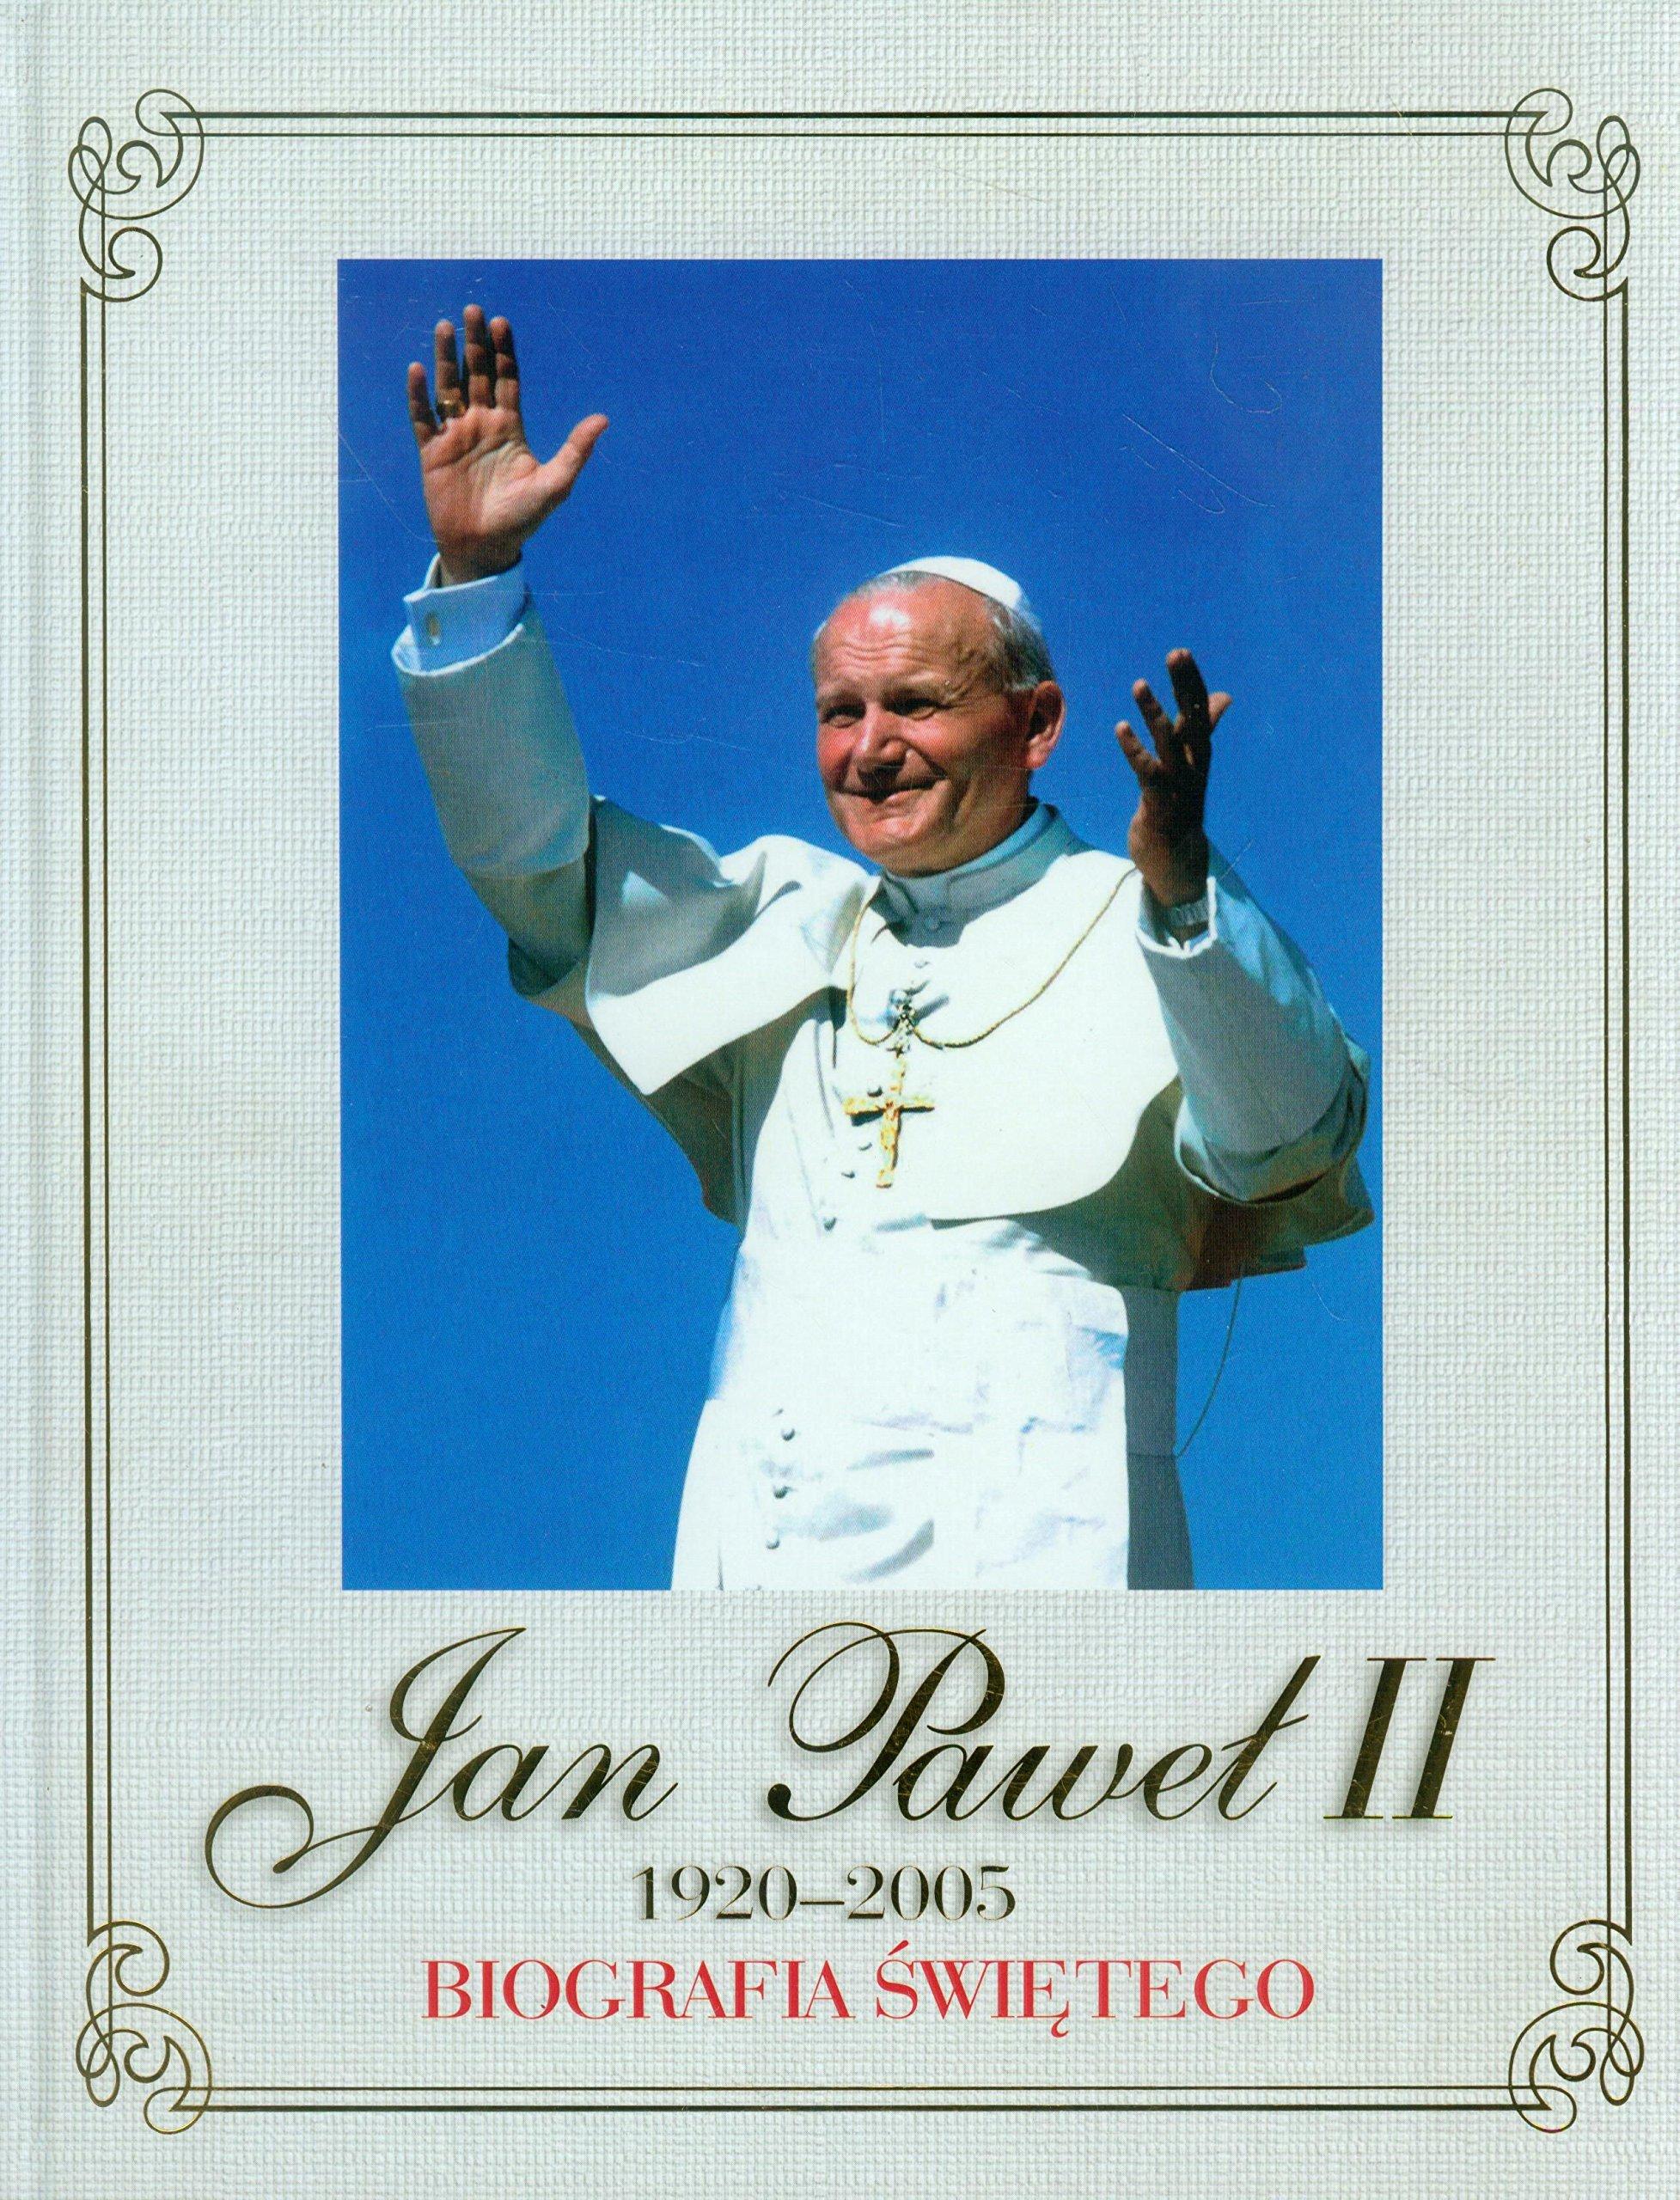 Jan Pawel Ii 1920 2005 Biografia Swietego 9788374471466 Amazoncom